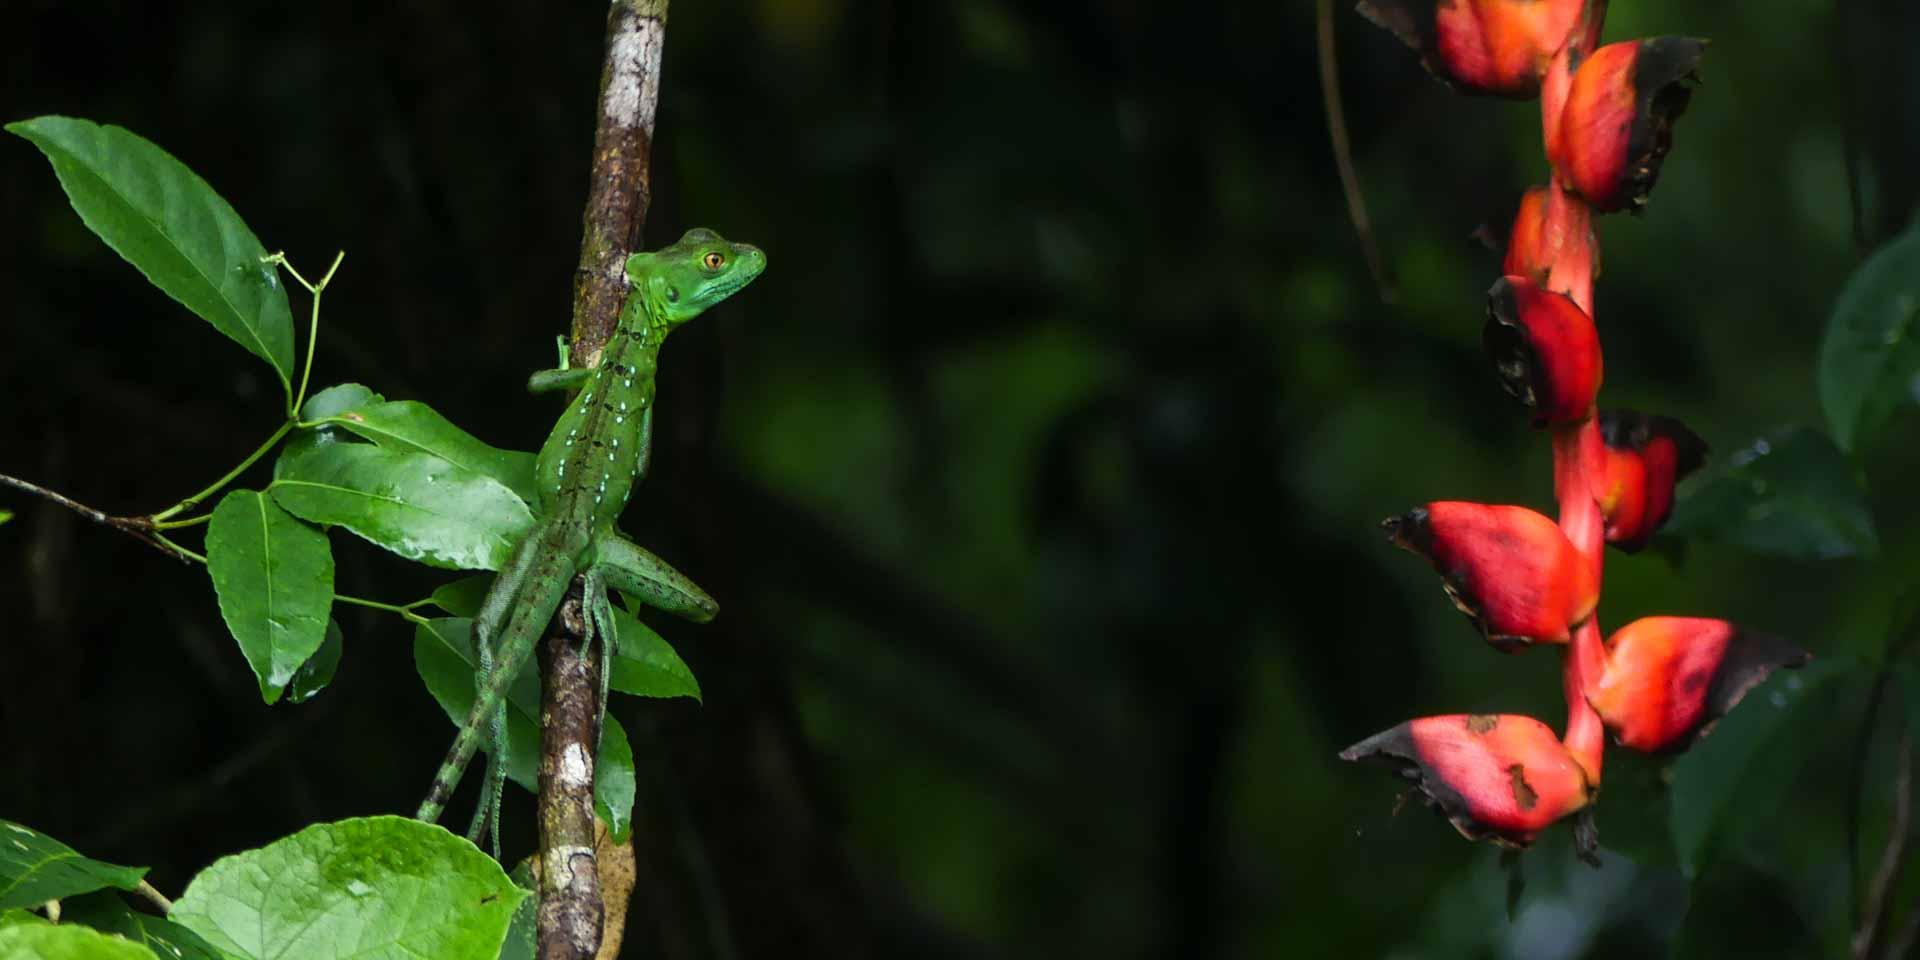 Basilisk lizard in the jungle of Costa Rica